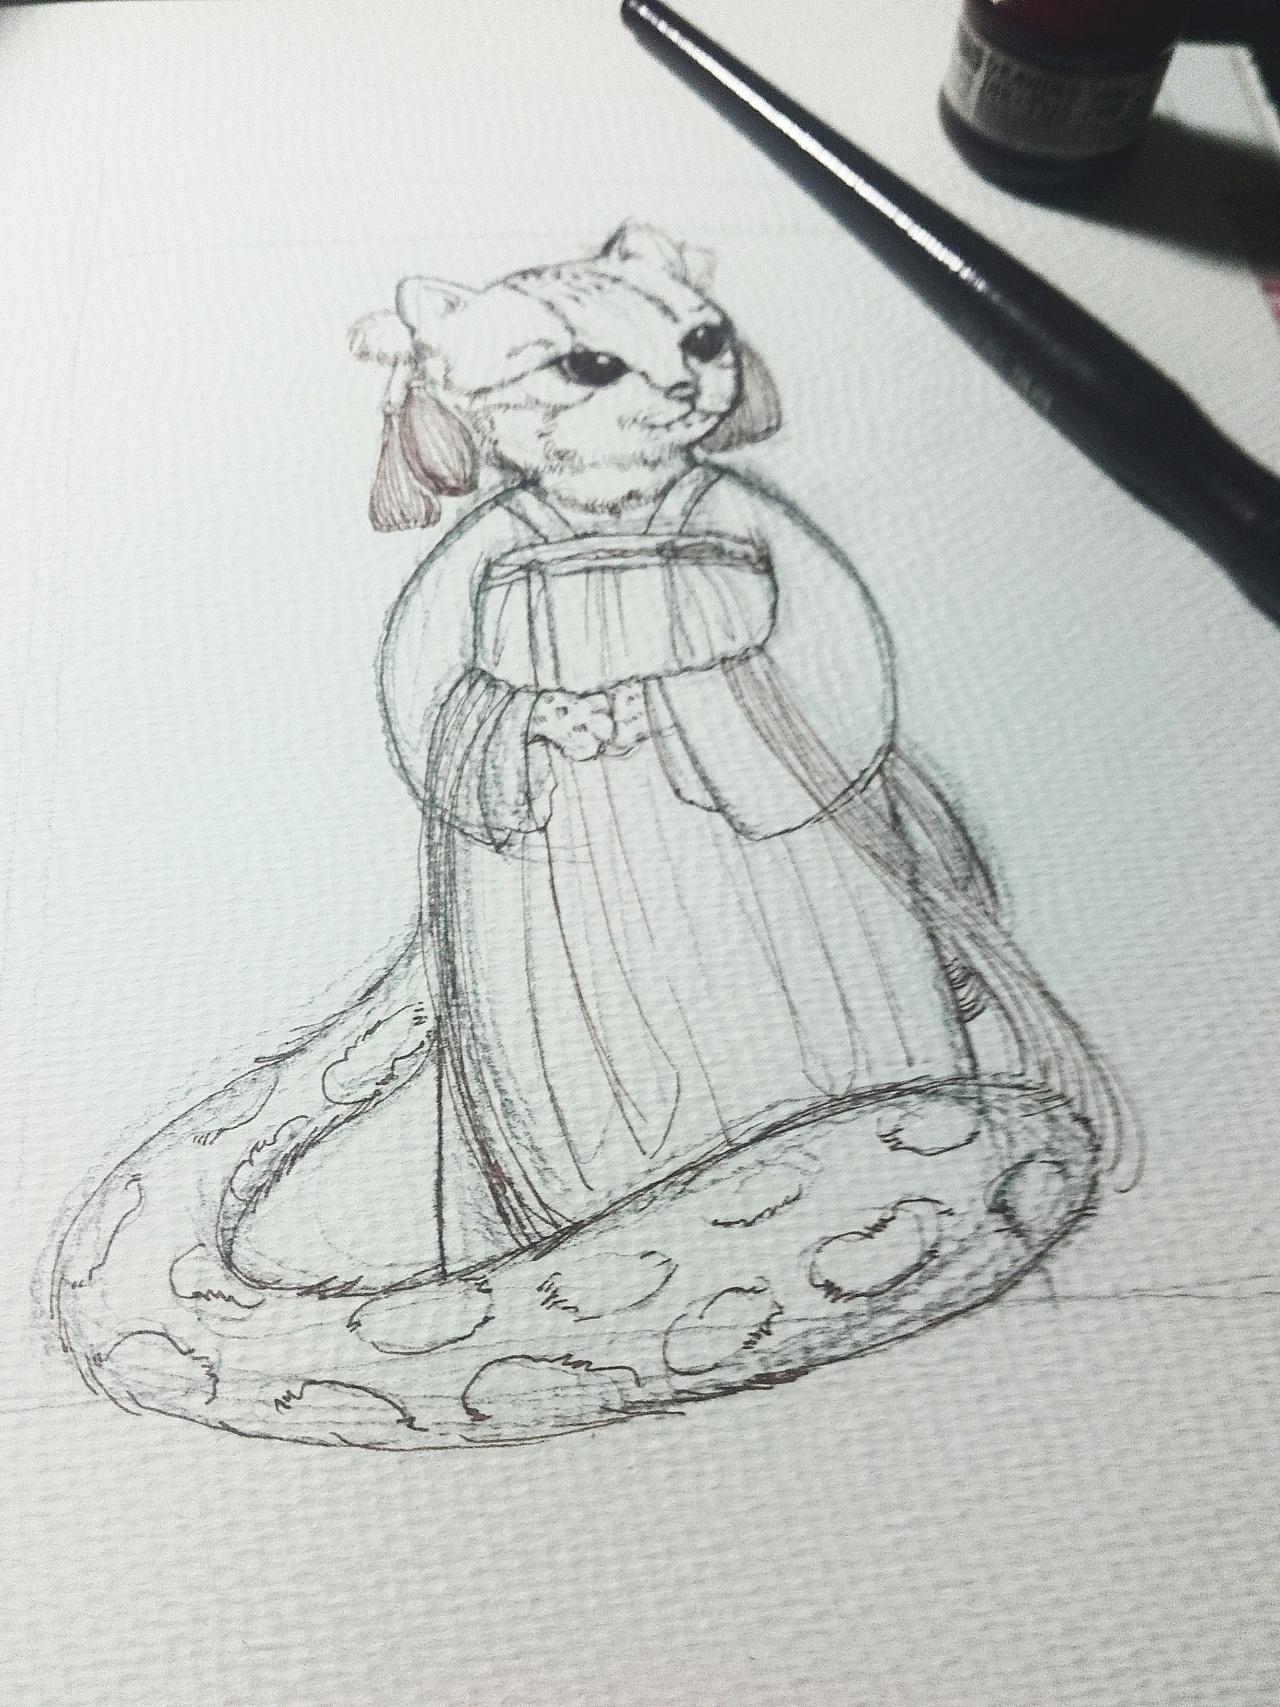 手绘素描简笔动物图片